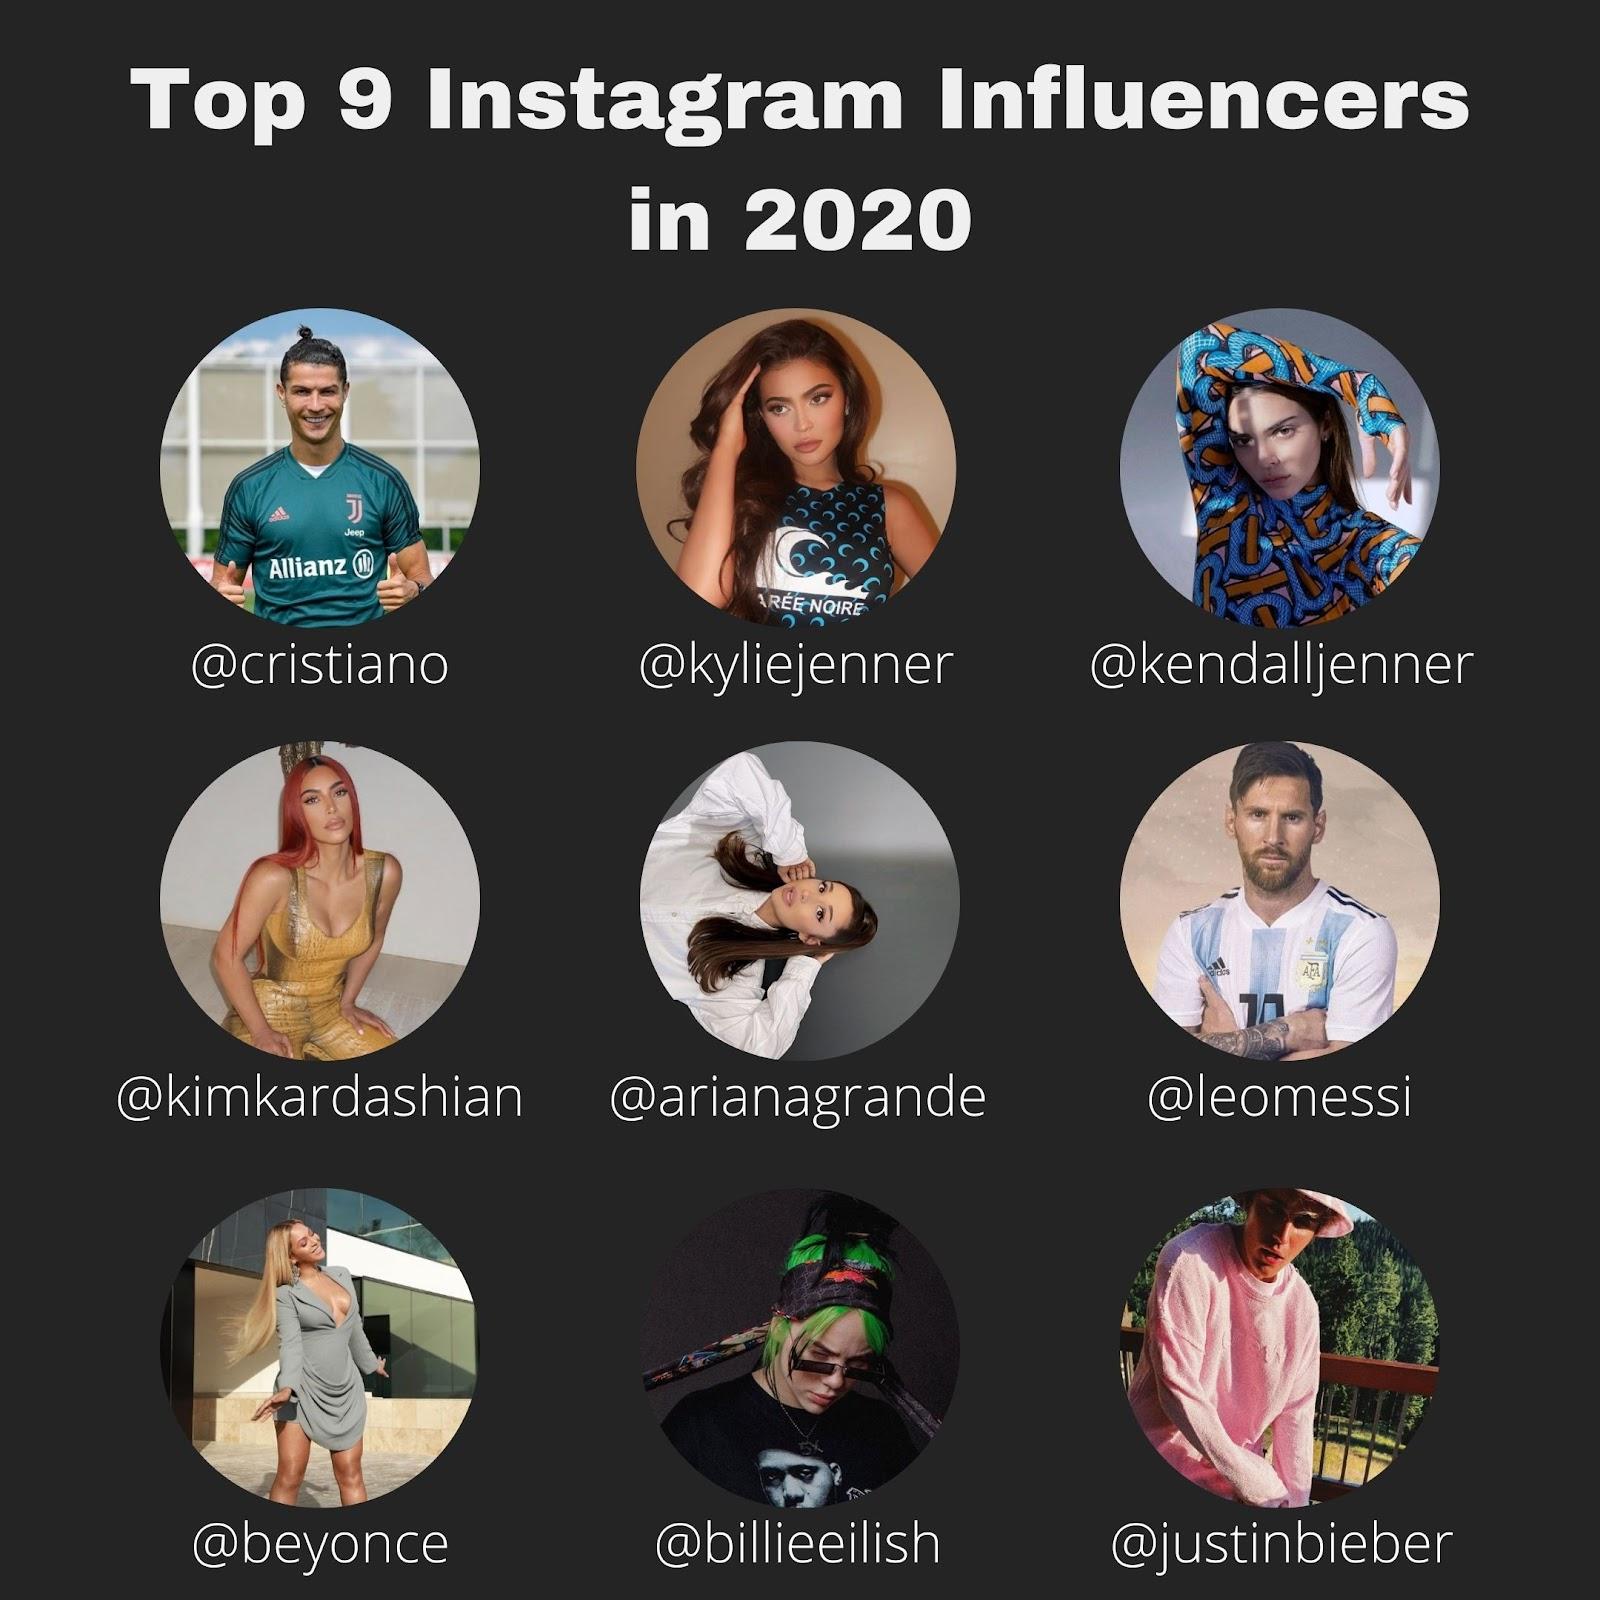 Top 9 Instagram Influencers in 2020